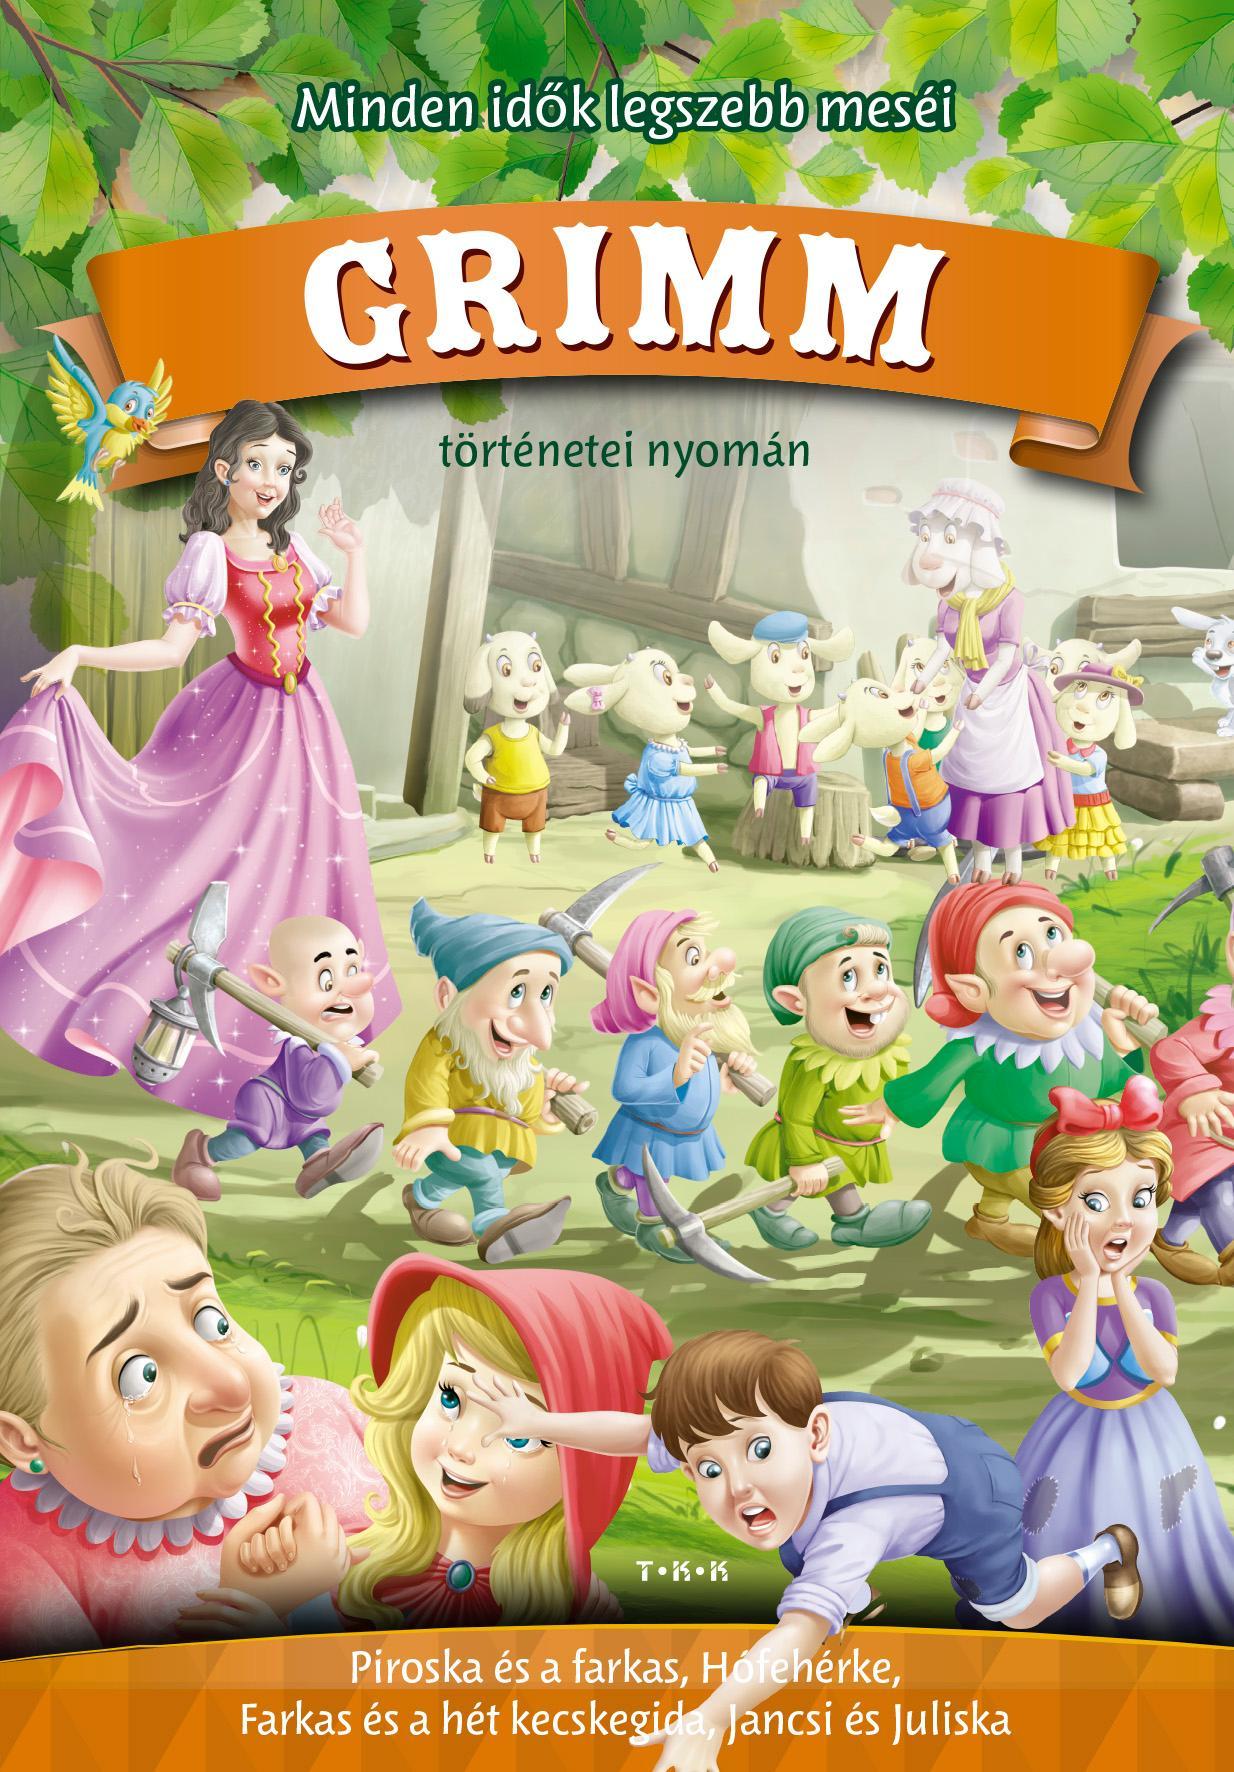 Wilhelm Carl Grimm  - Jacob Grimm - Minden idők legszebb meséi Grimm történetei nyomán - Piroska és a farkas, Hófehérke, Farkas és a hét kecskegida, Jancsi és Juliska